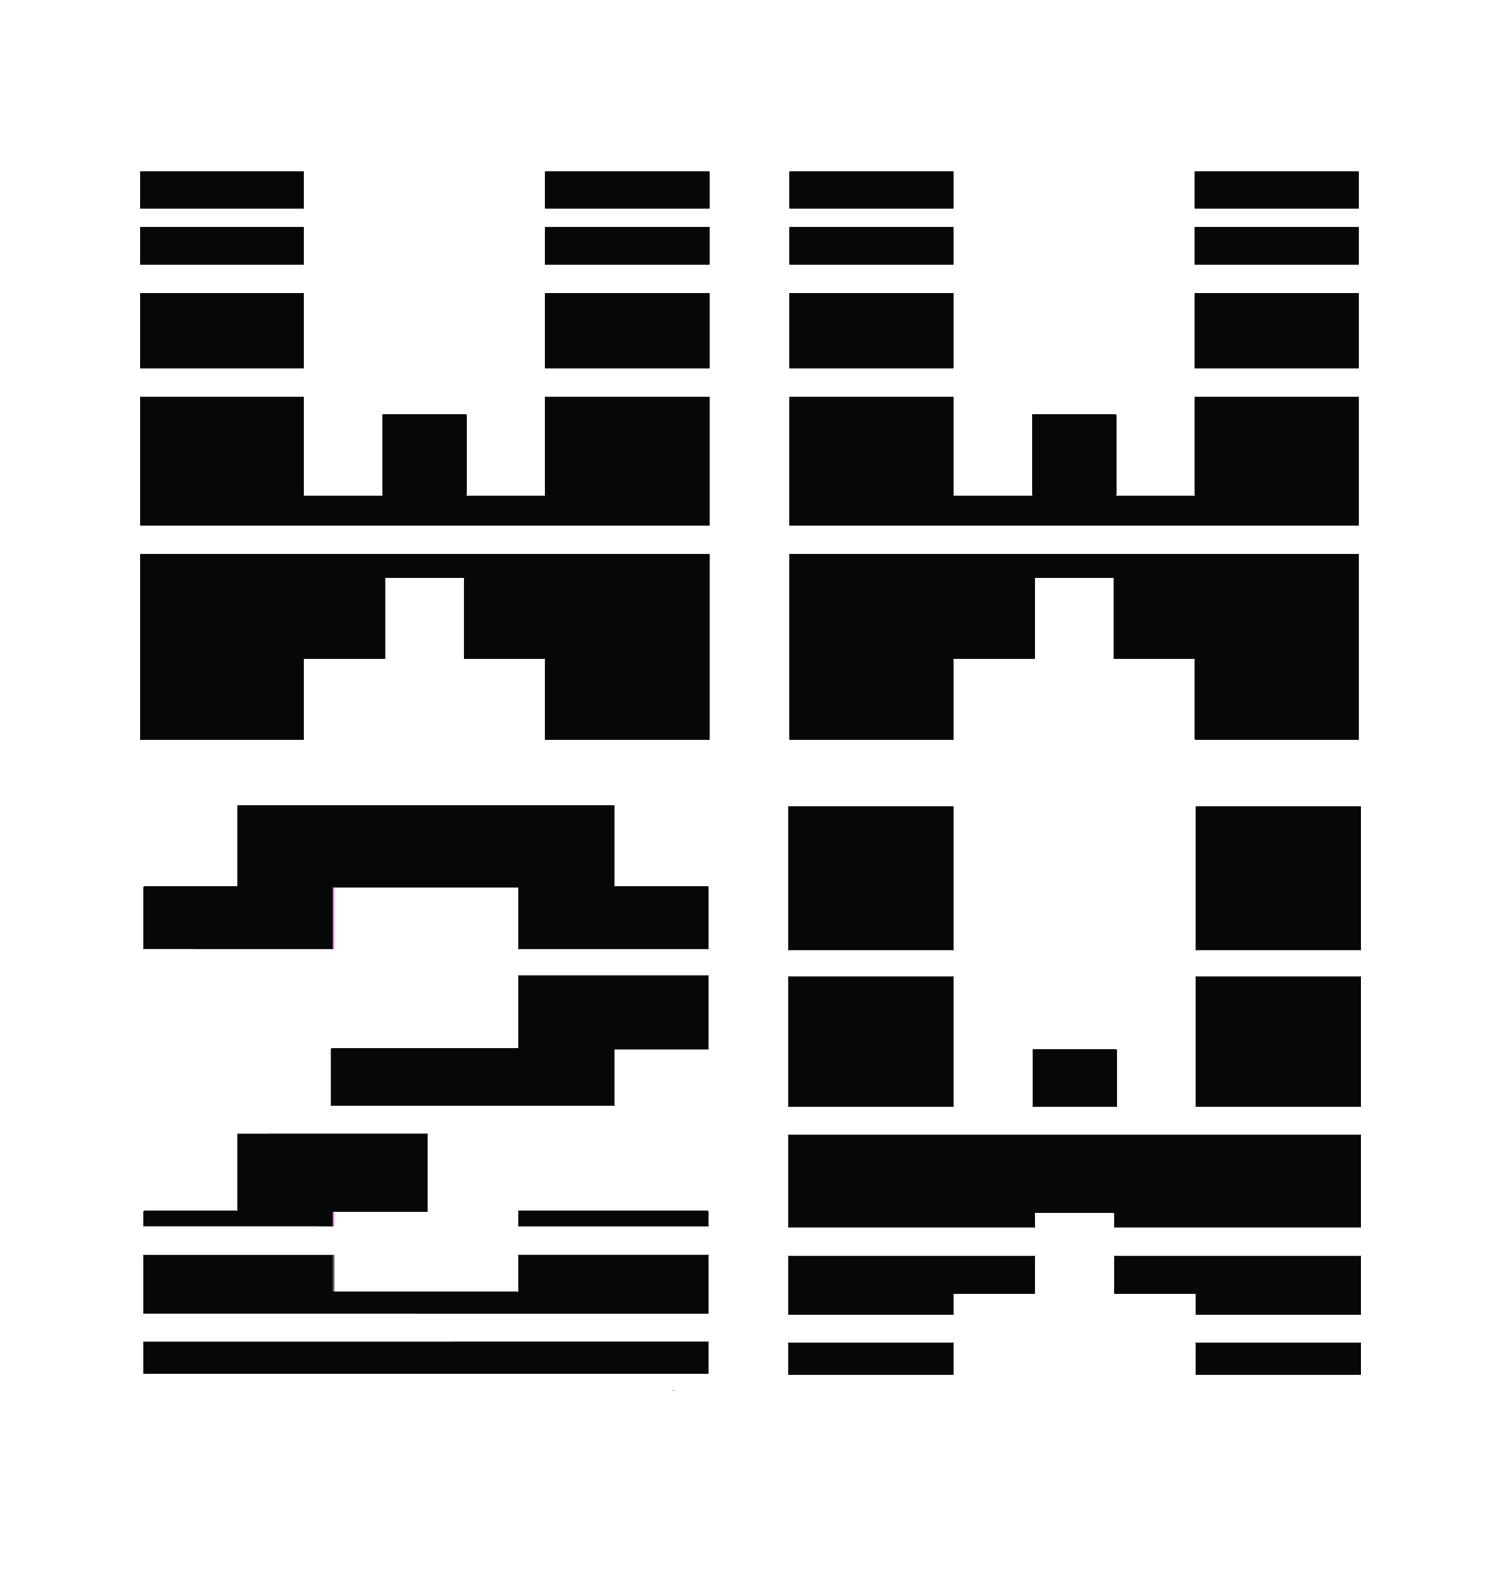 00 logo ww2w hd 2  aussi large que w